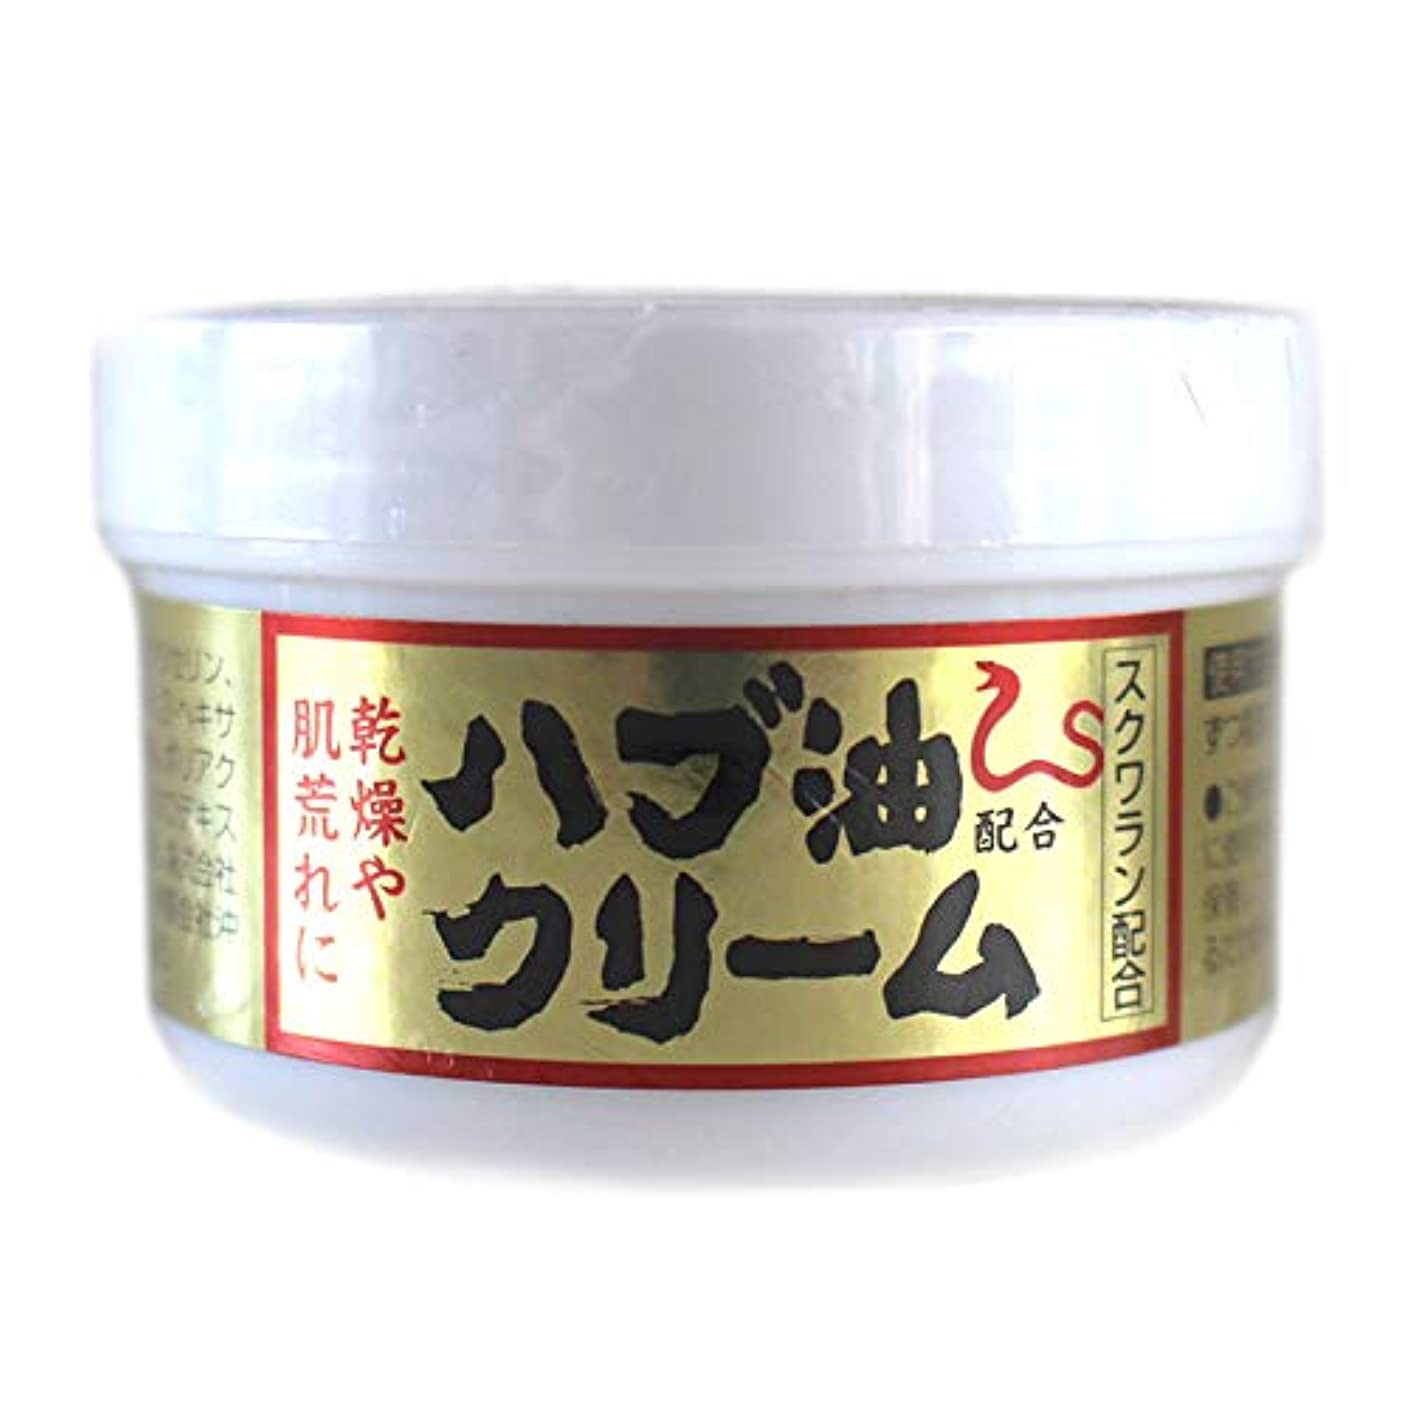 幼児クスクスホールドオールハブ油配合クリーム 3個【1個?50g】